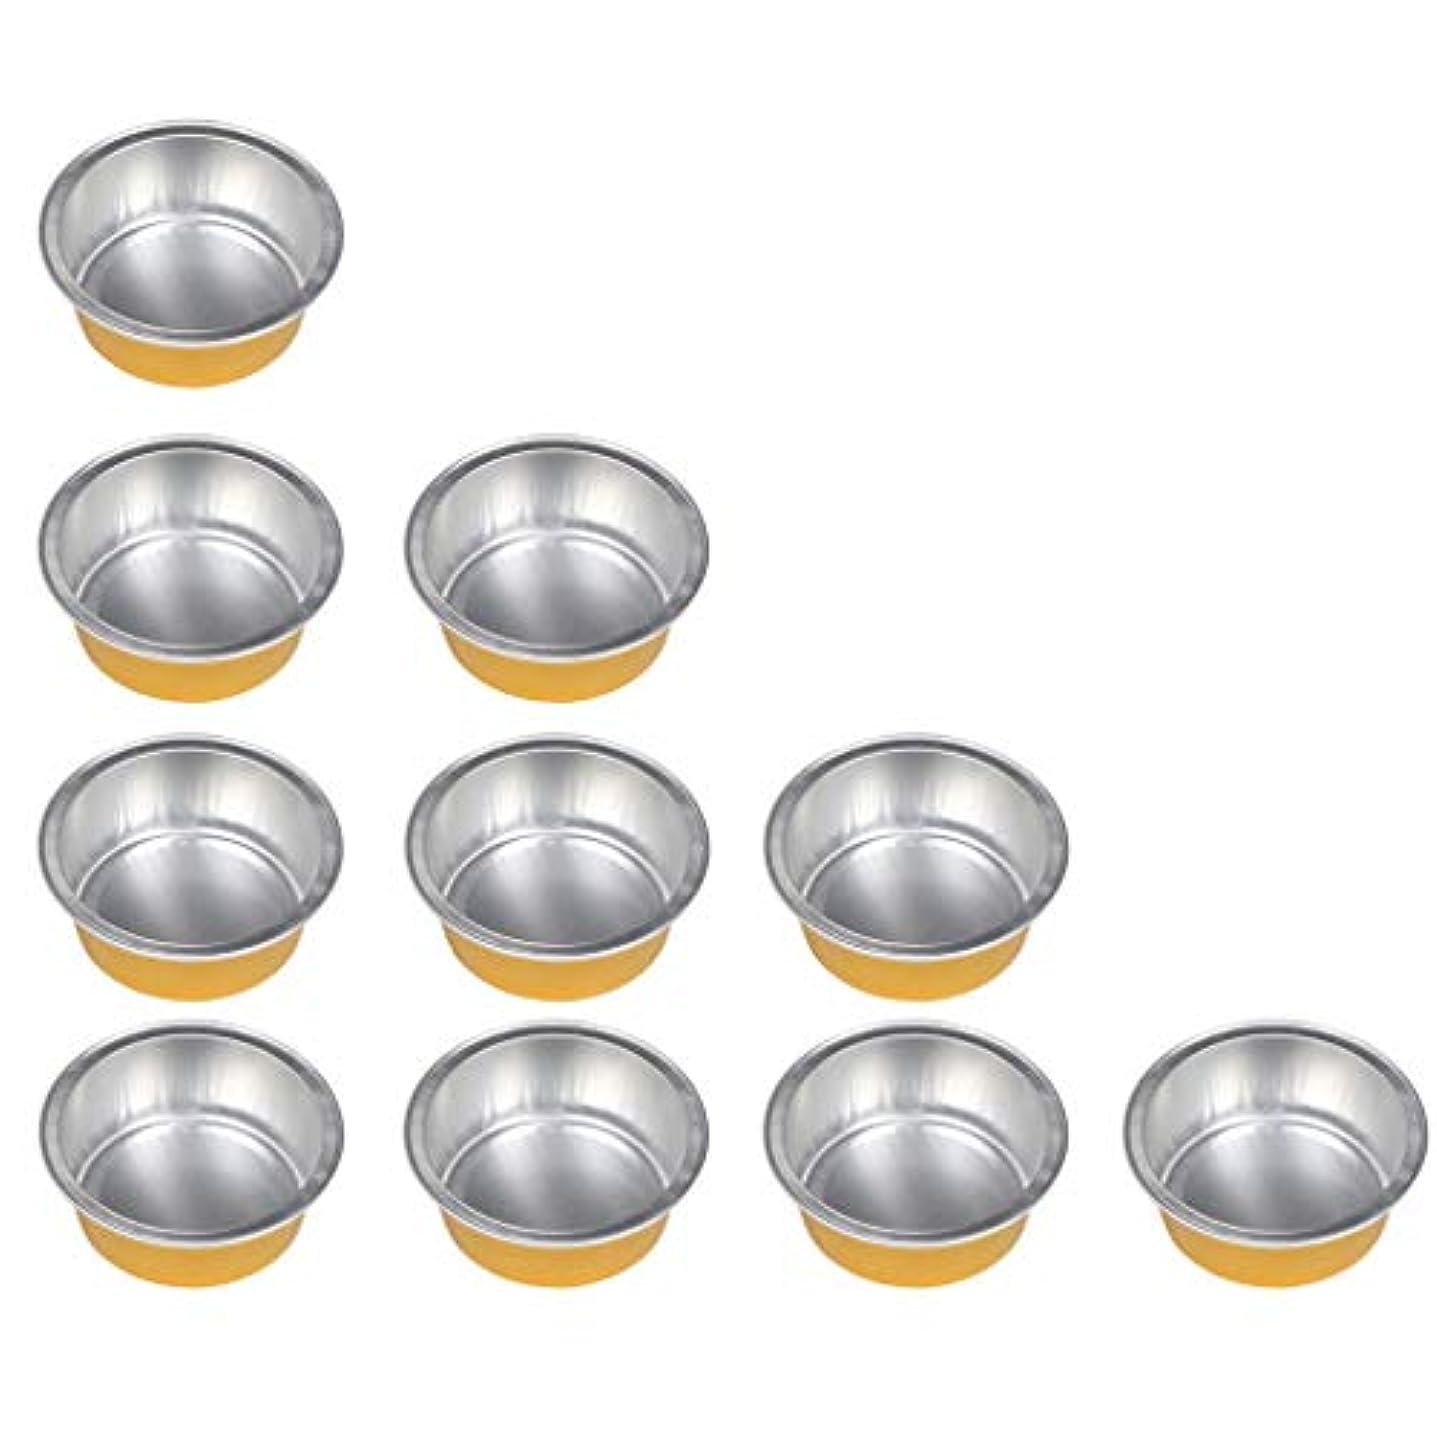 穴良い二度10個セット ワックスボウル ミニボウル アルミホイルボウル ワックス豆体 溶融 衛生的 2種選ぶ - ゴールデン1